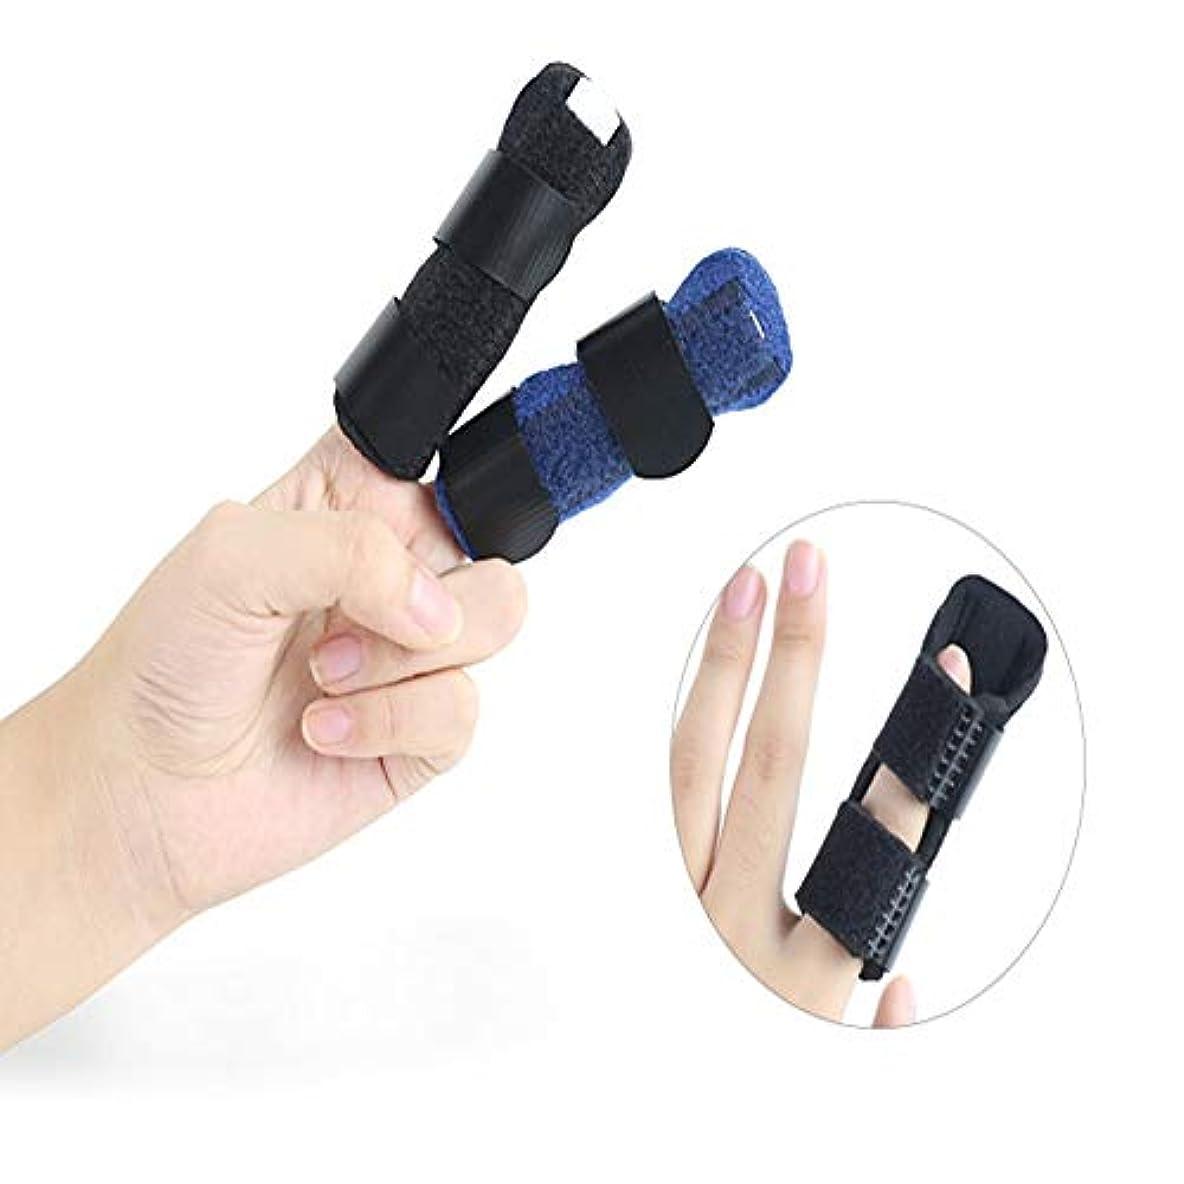 バス悲鳴試すスプリント、救済レンチ、関節炎の痛み、ロックされ、Stenosing腱鞘炎手指、関節炎、腱炎、手術、脱臼、捻挫、繰り返しの使用に役立ちます。 (Color : 青)